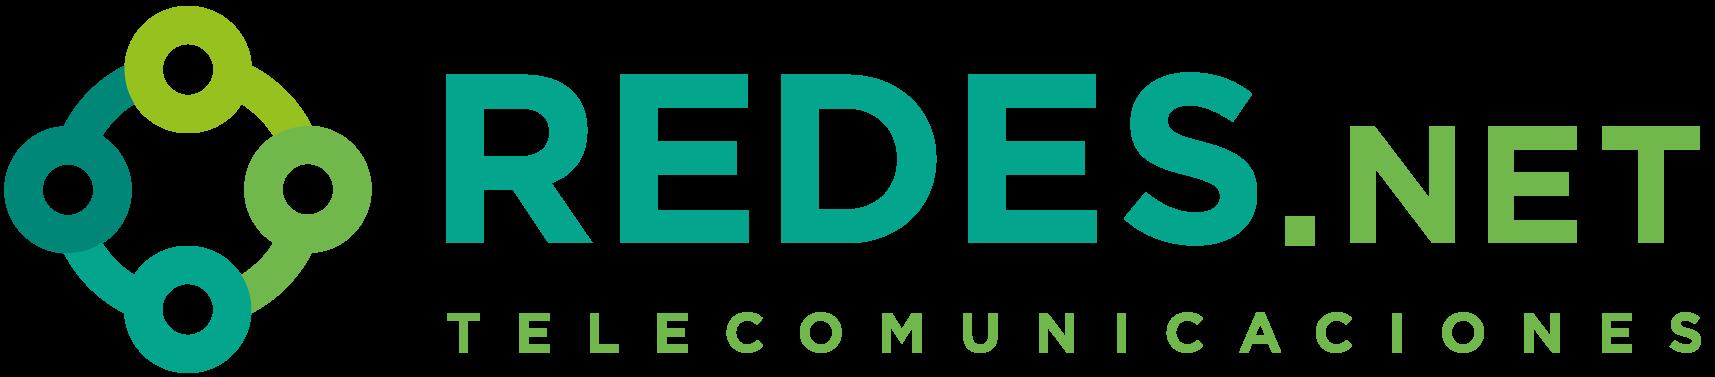 Redes.net – Tu operador de telecomunicaciones